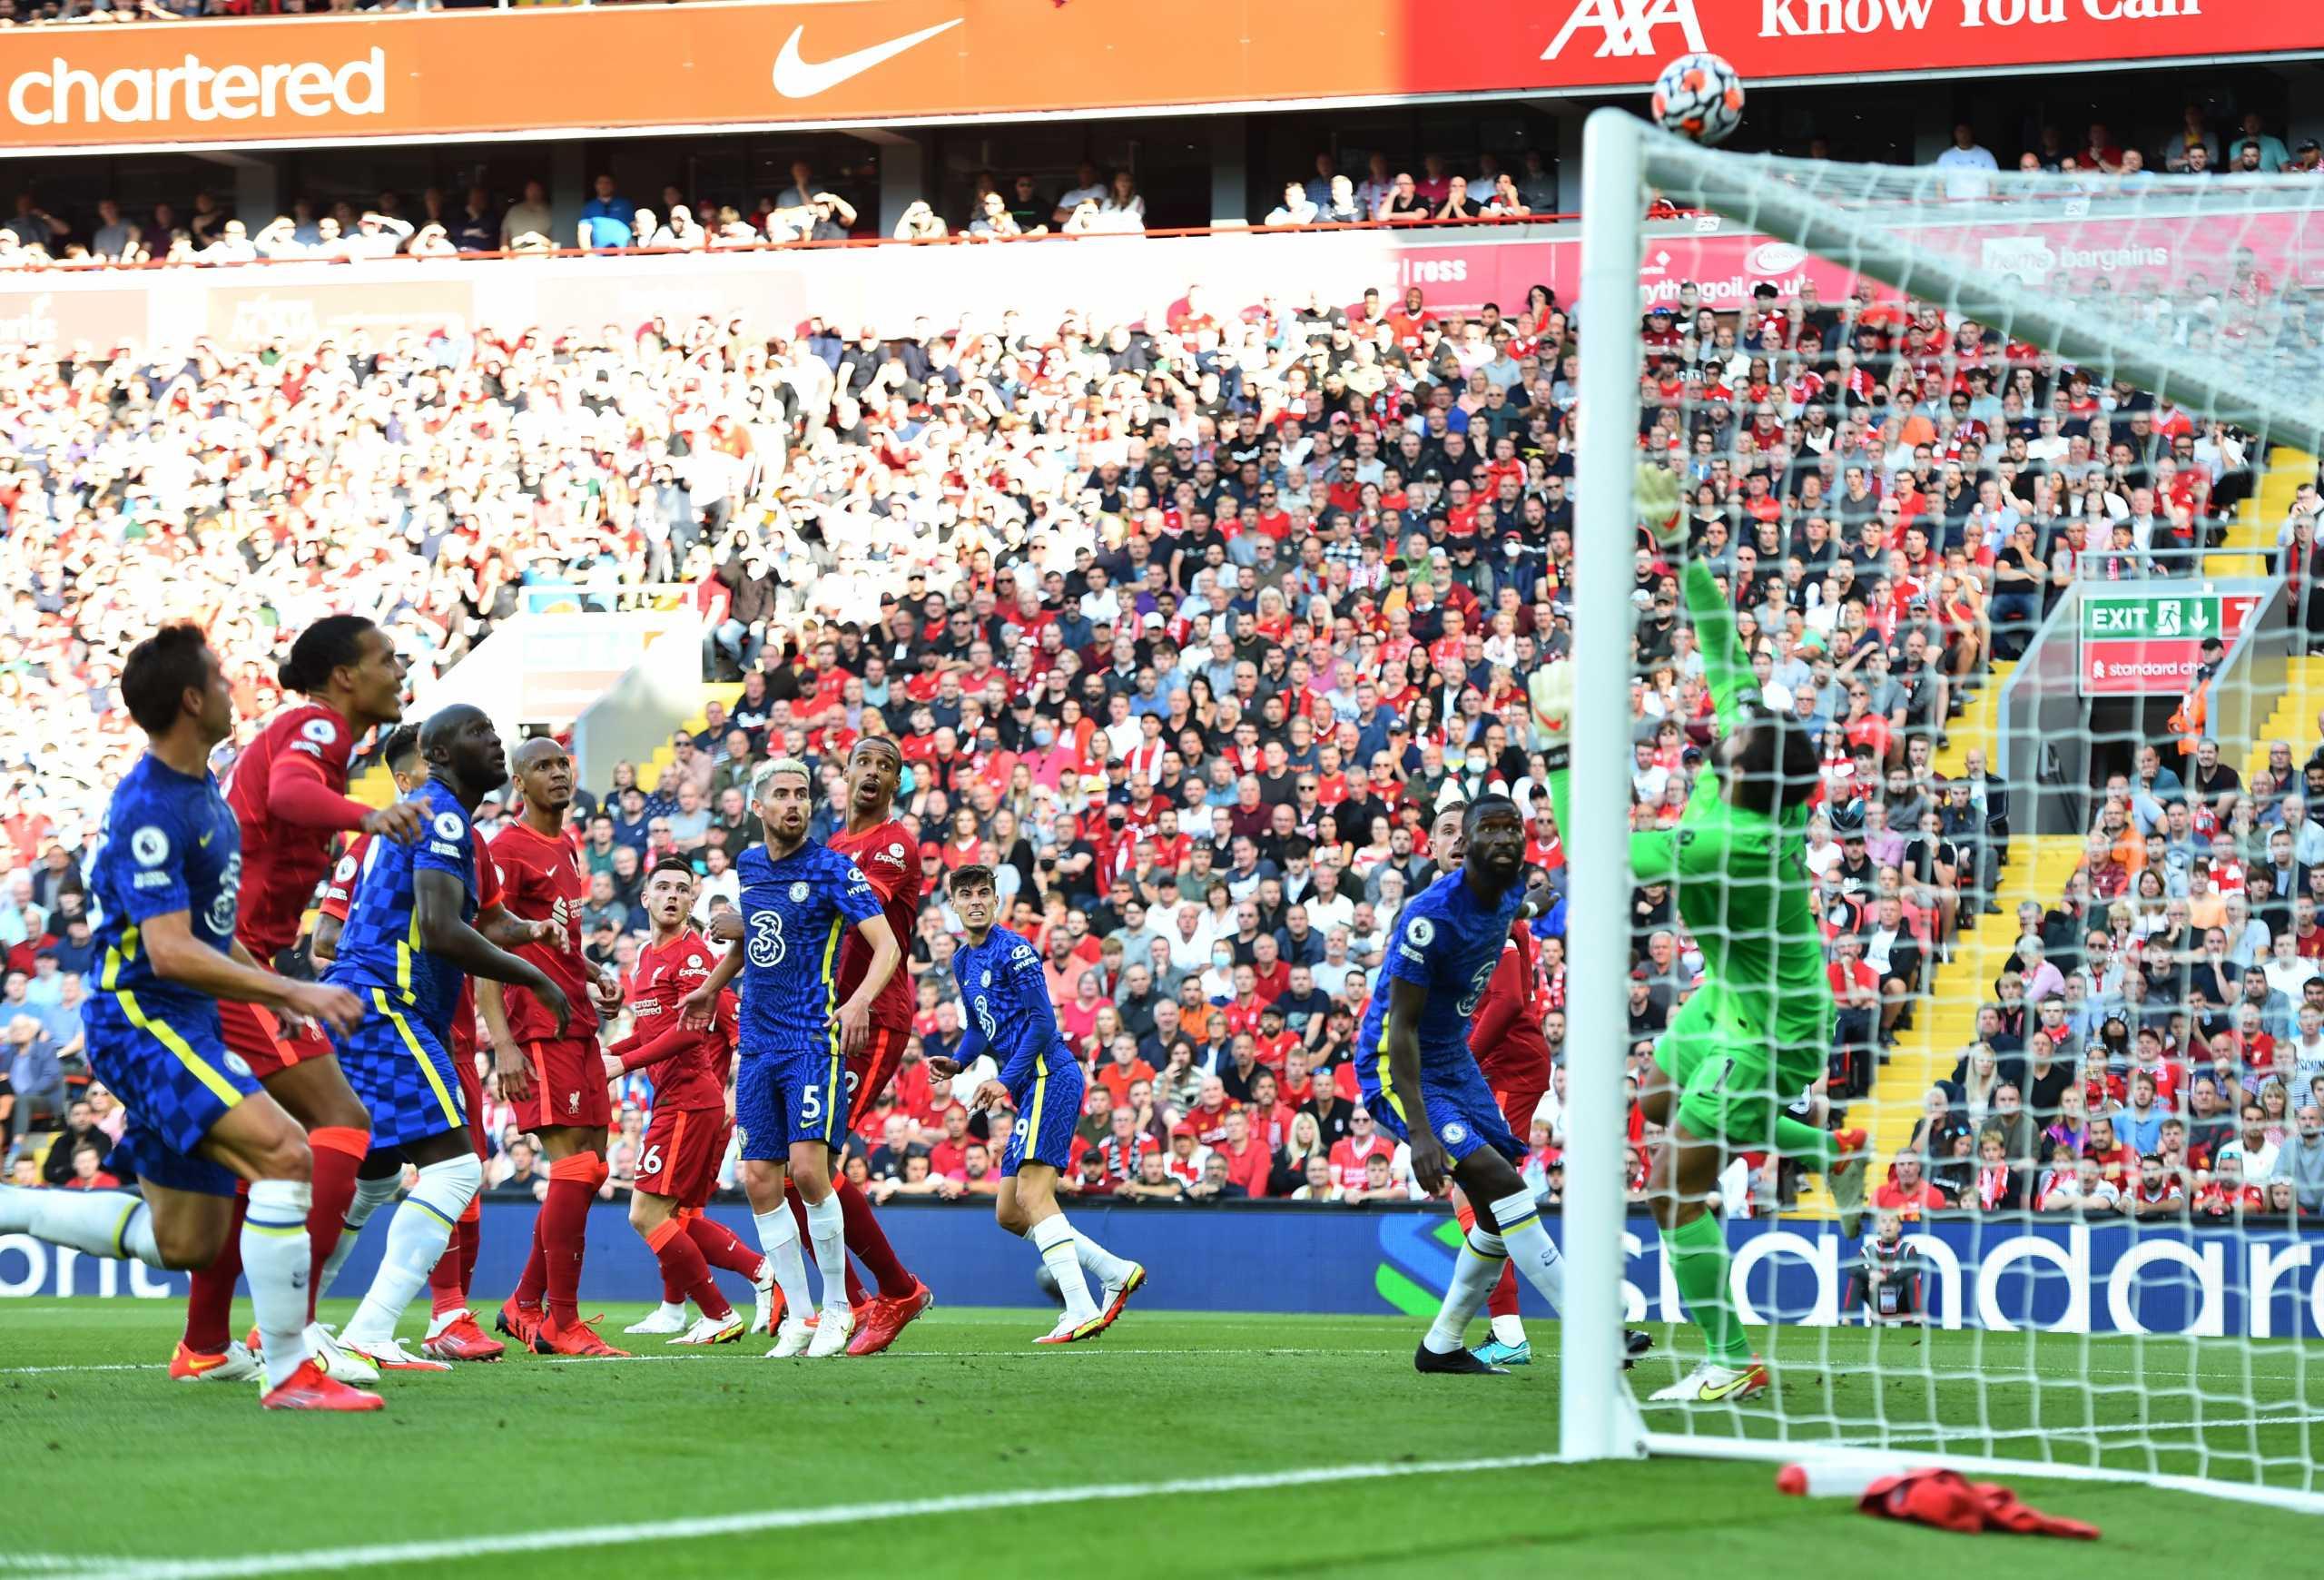 Λίβερπουλ – Τσέλσι: Οι «μπλε» πάγωσαν το Άνφιλντ αλλά ισοφαρίστηκαν και συνεχίζουν με 10 παίκτες